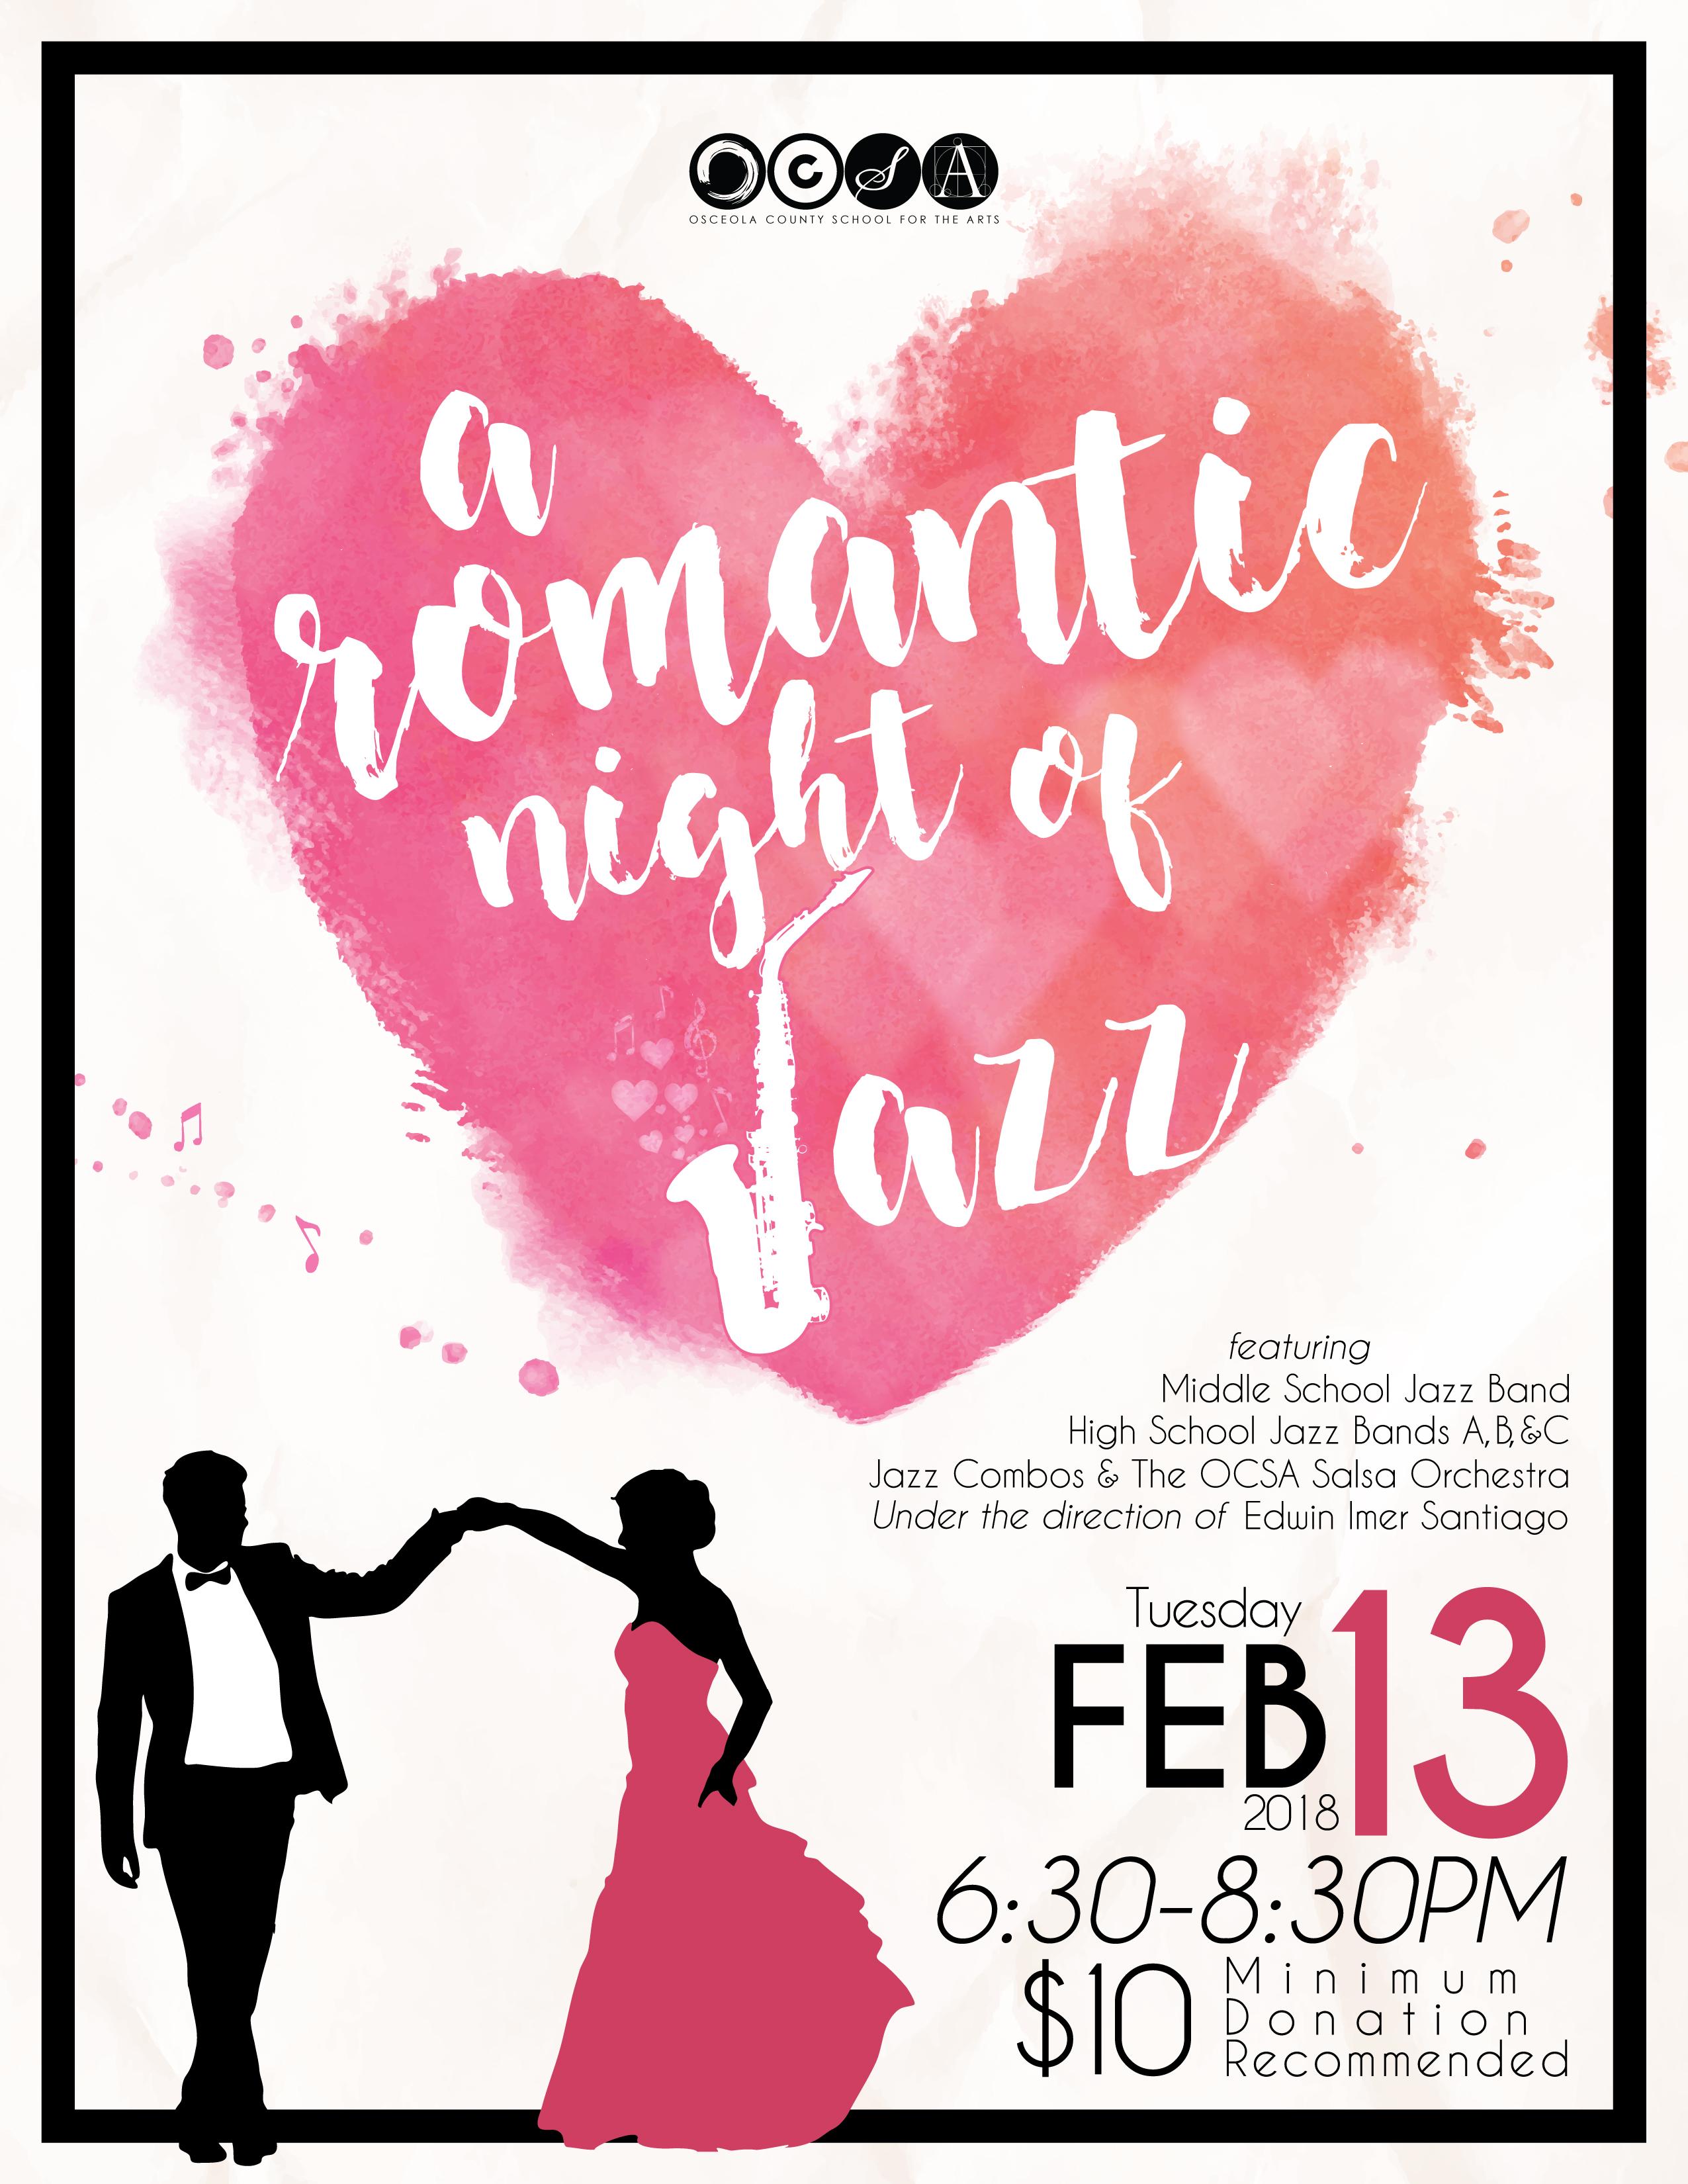 A Romantic Night of Jazz